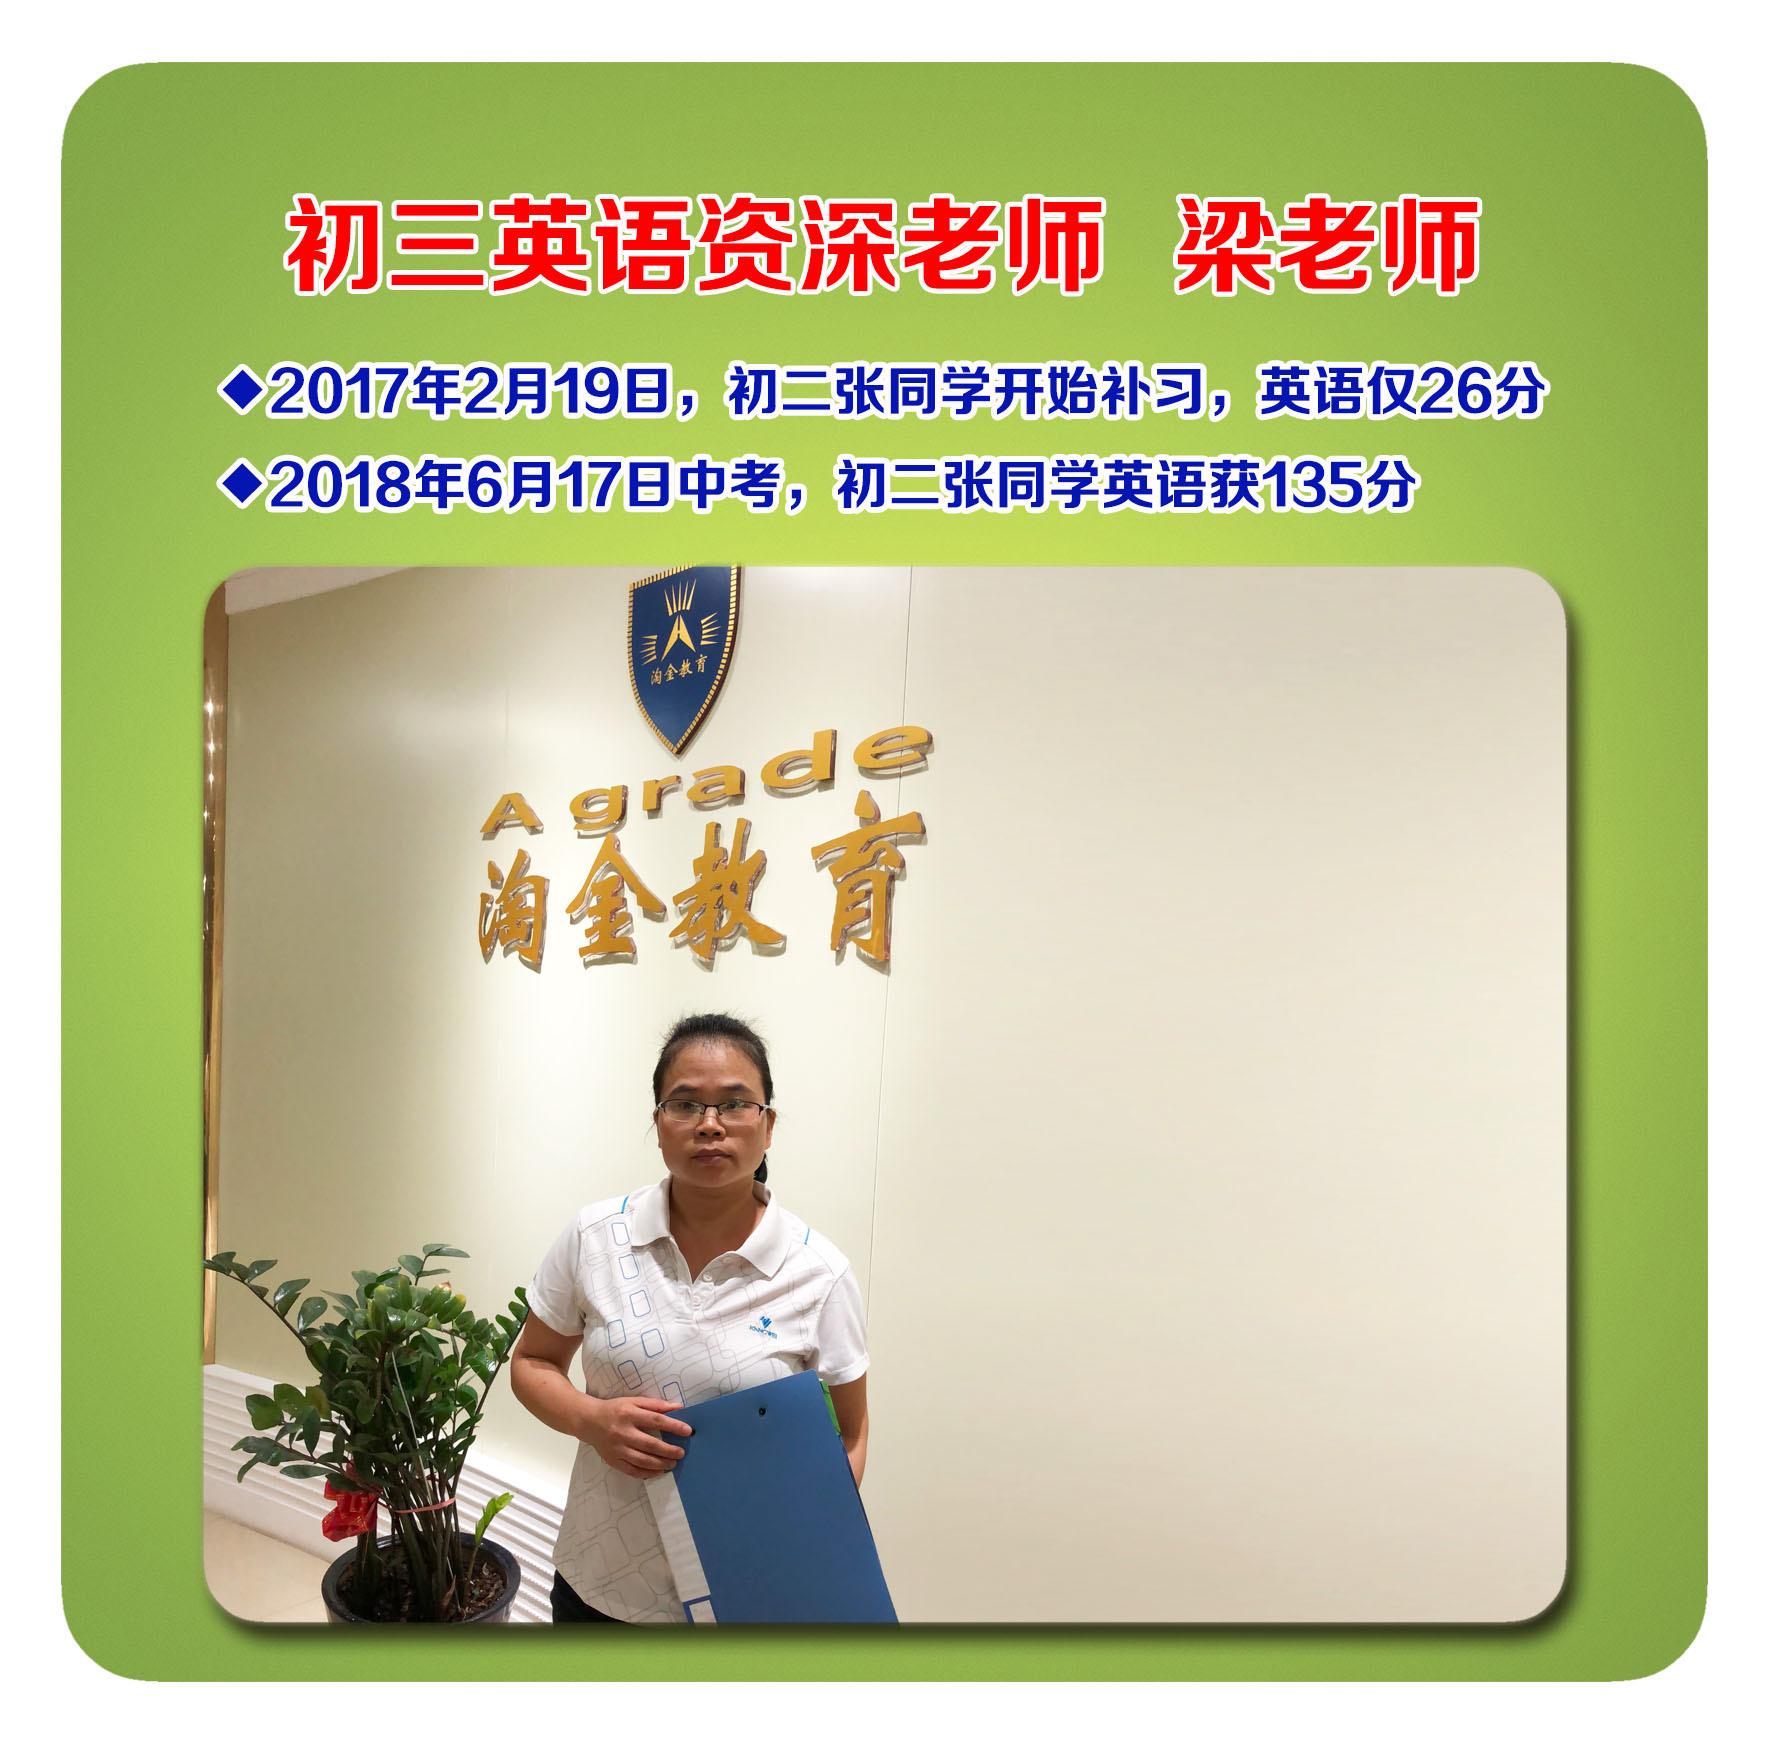 广州初中英语辅导班